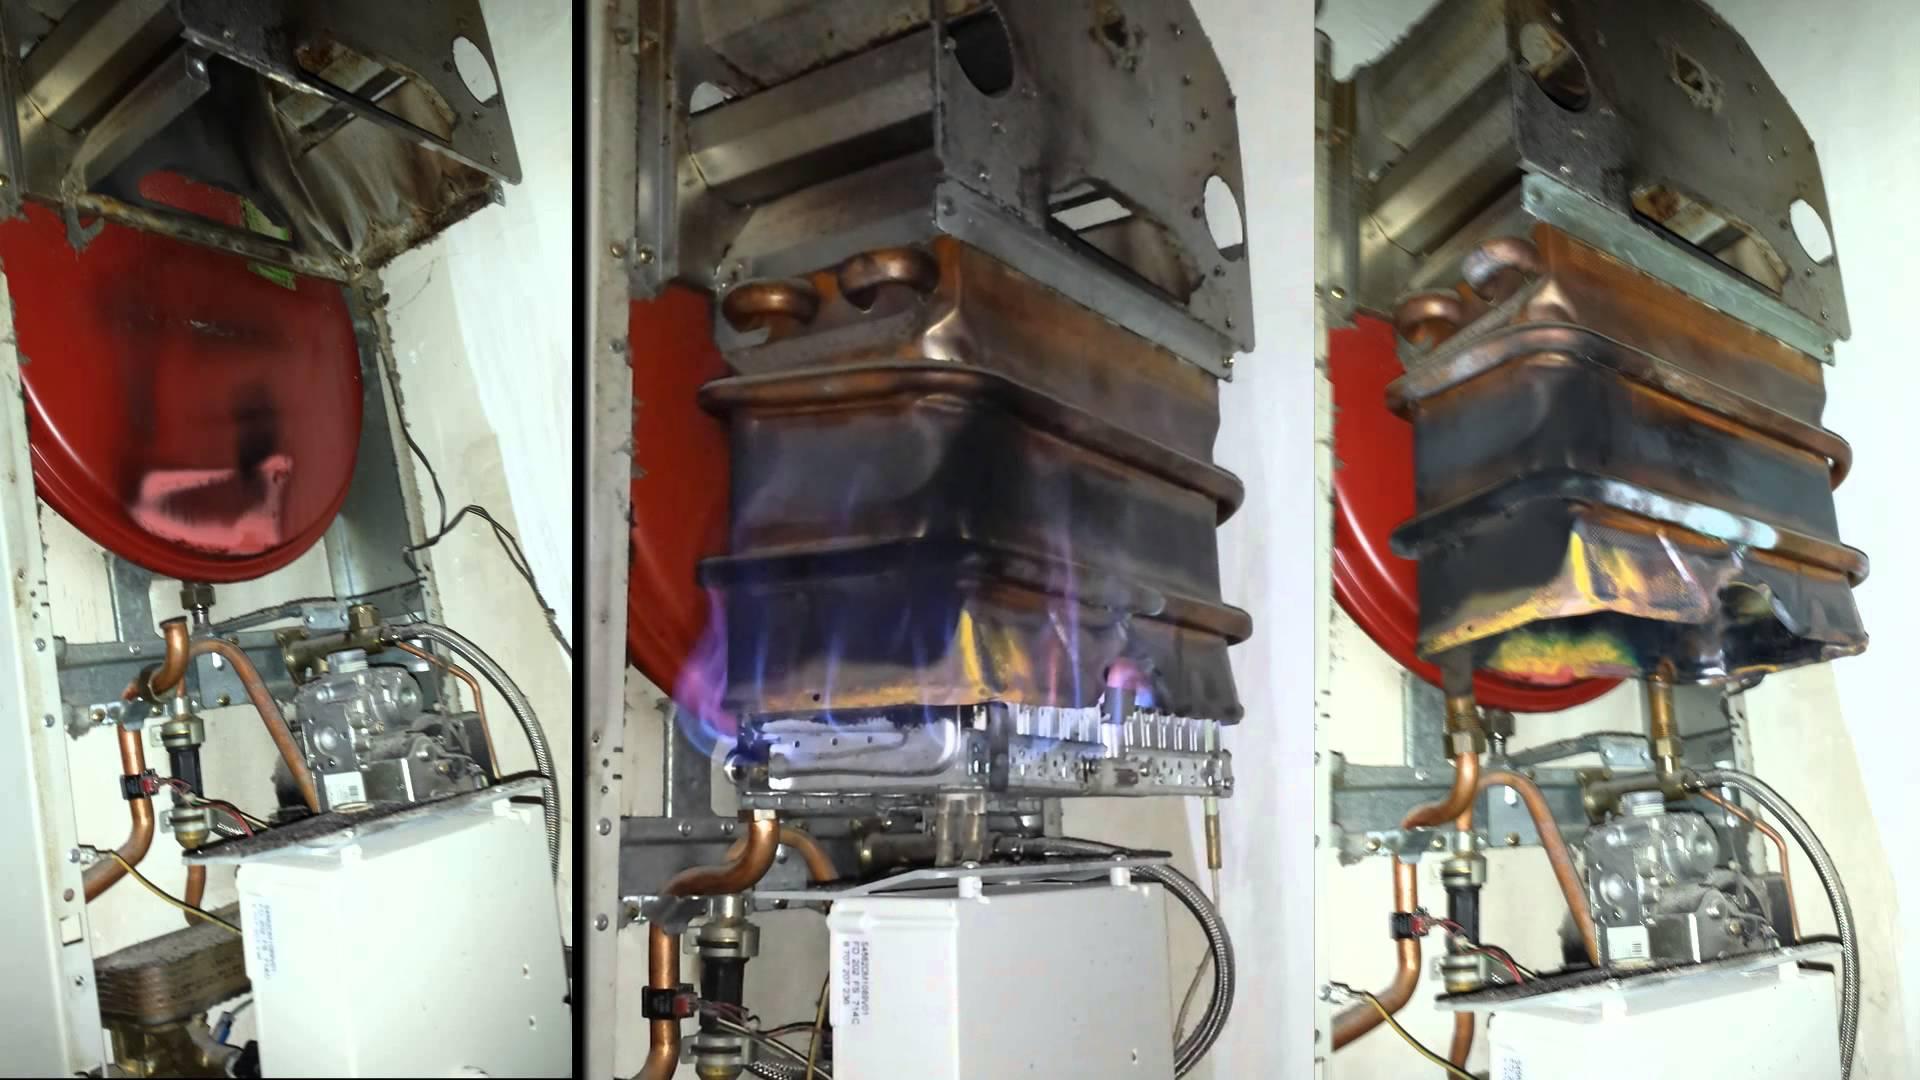 Почему тухнет газовая колонка - диагностика и поиск причин. практические советы и рекомендации по ремонту